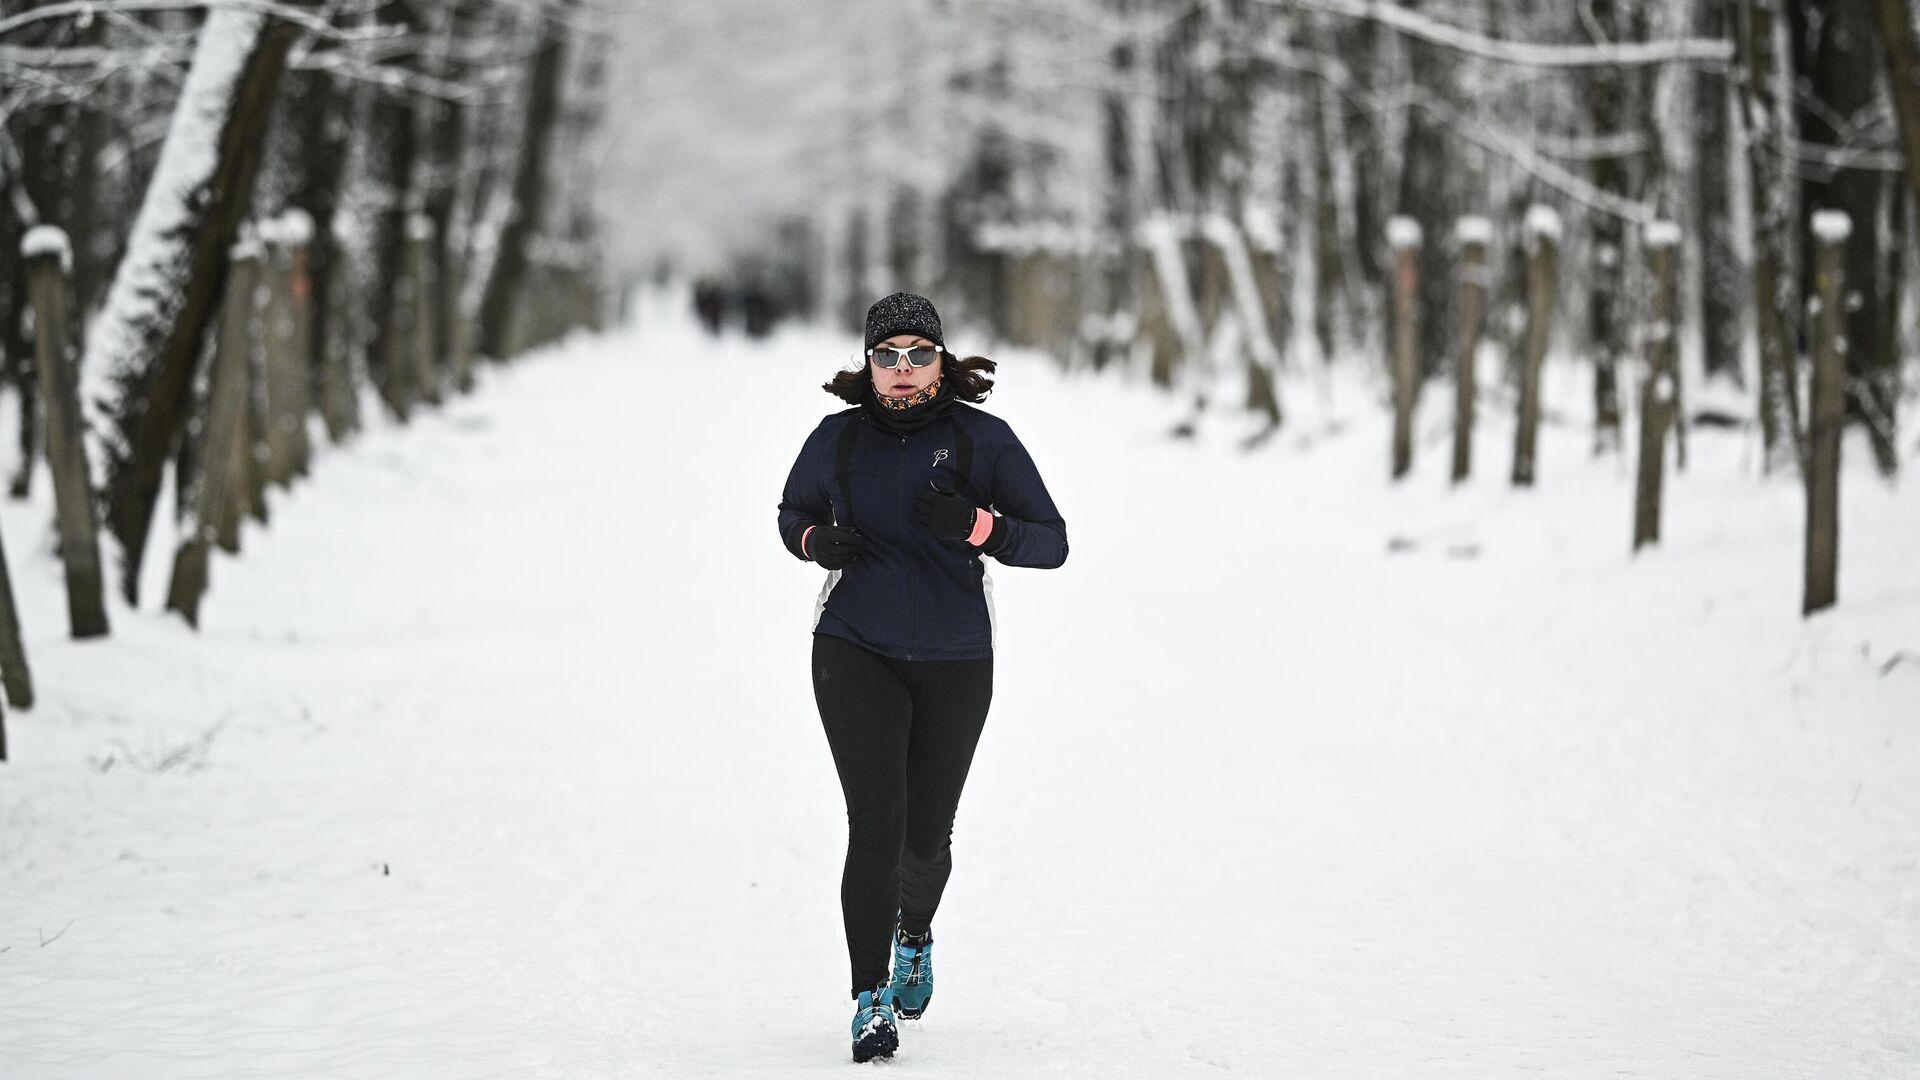 Девушка занимается бегом в Тимирязевском парке в Москве - РИА Новости, 1920, 01.12.2020